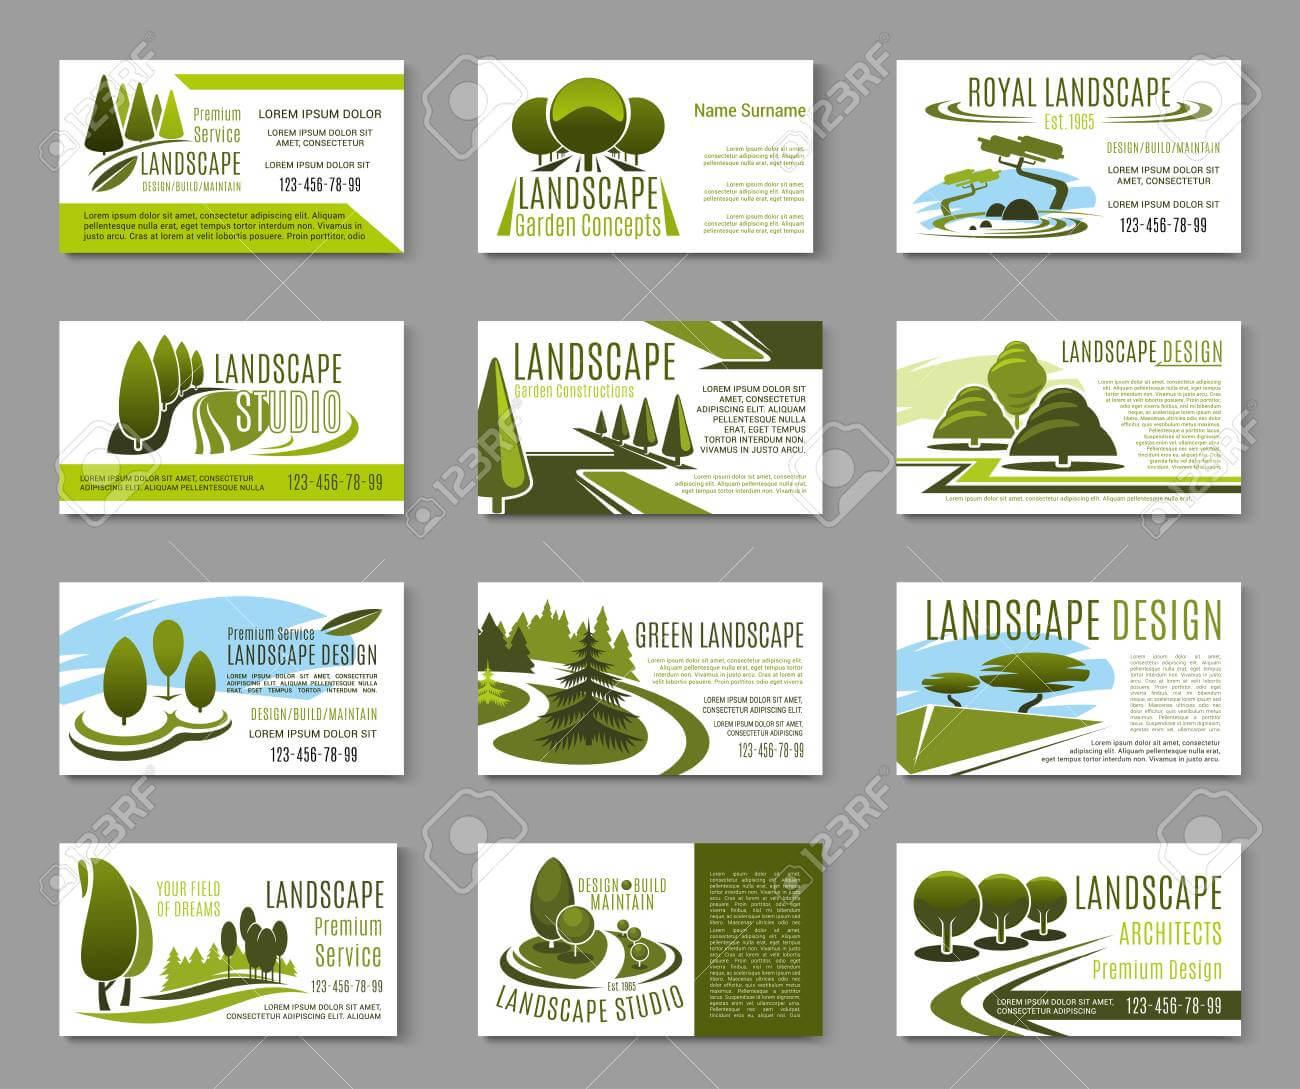 Landscape Design Studio Business Card Template Throughout Landscaping Business Card Template